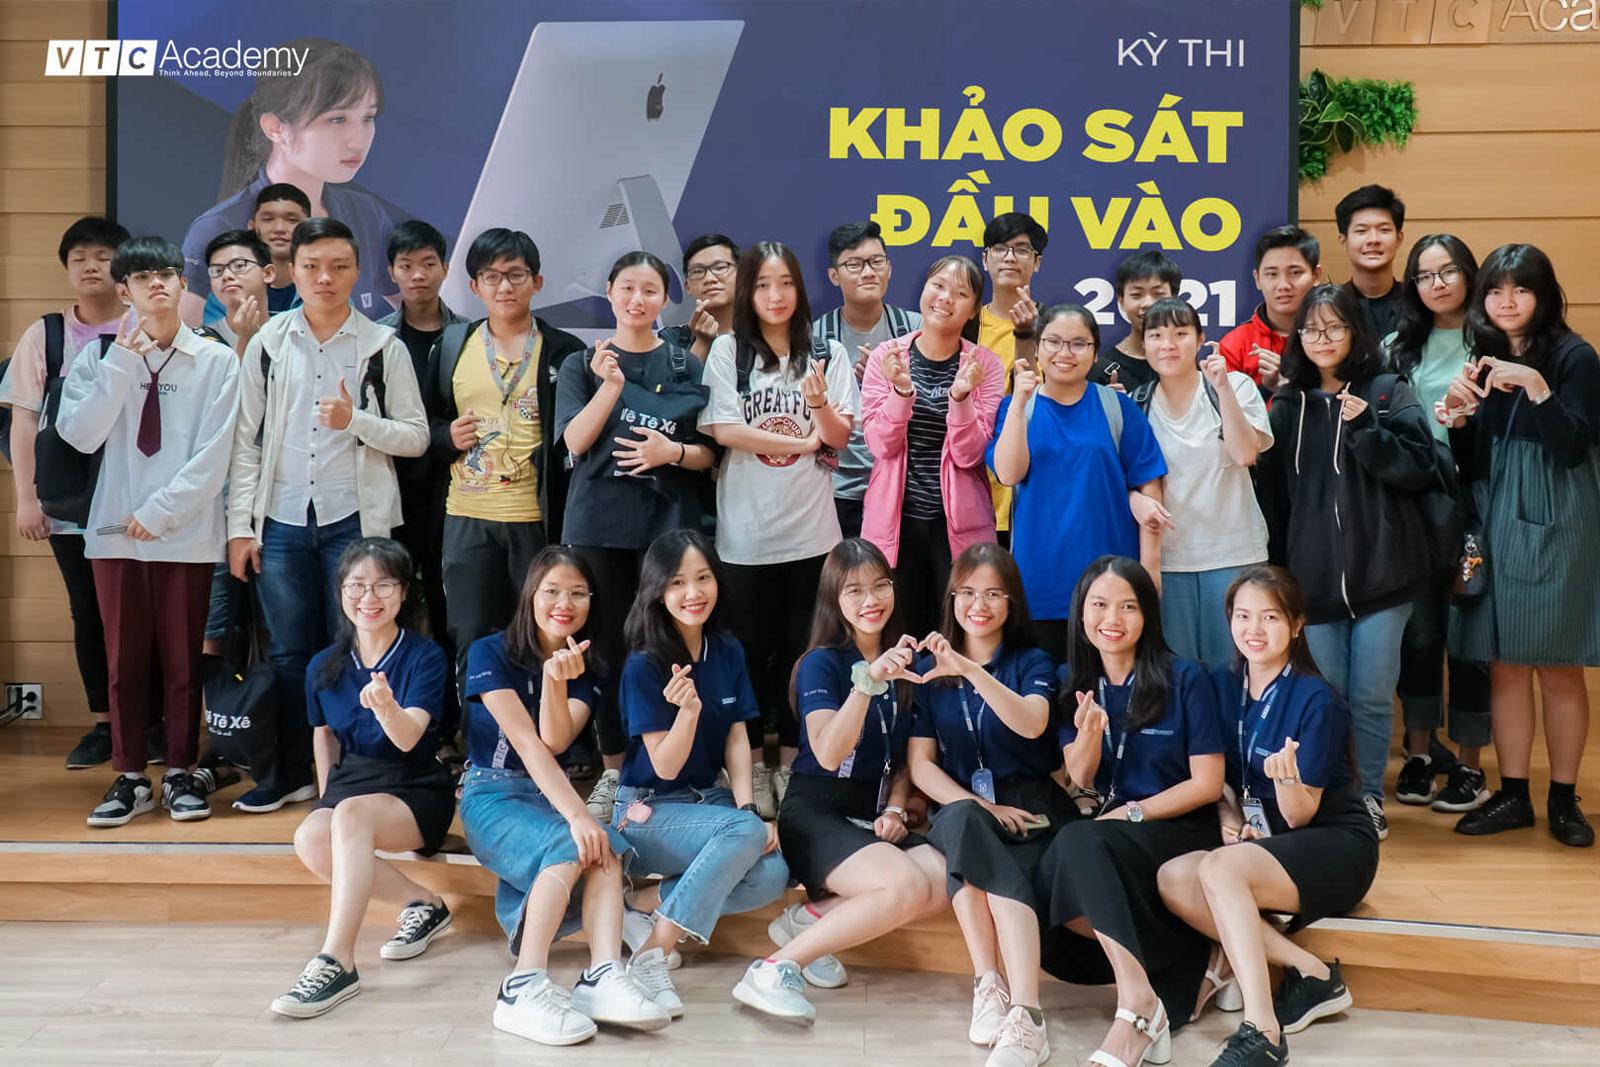 VTC Academy tổ chức kỳ thi khảo sát đầu vào năm 2021 tại TP.HCM